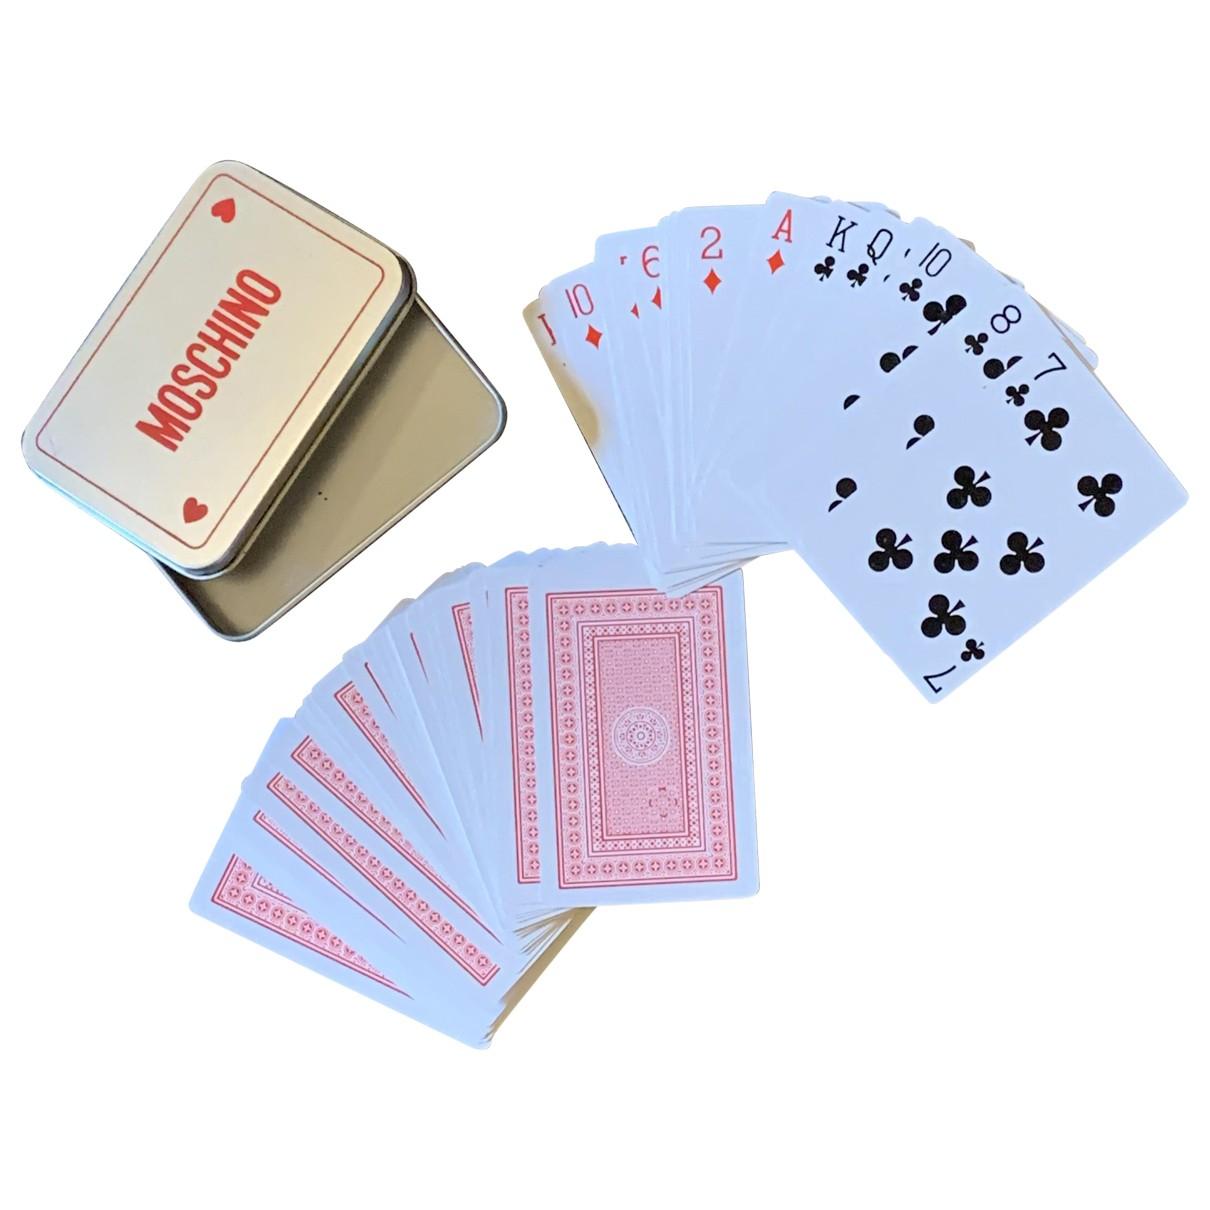 Juego de cartas Moschino